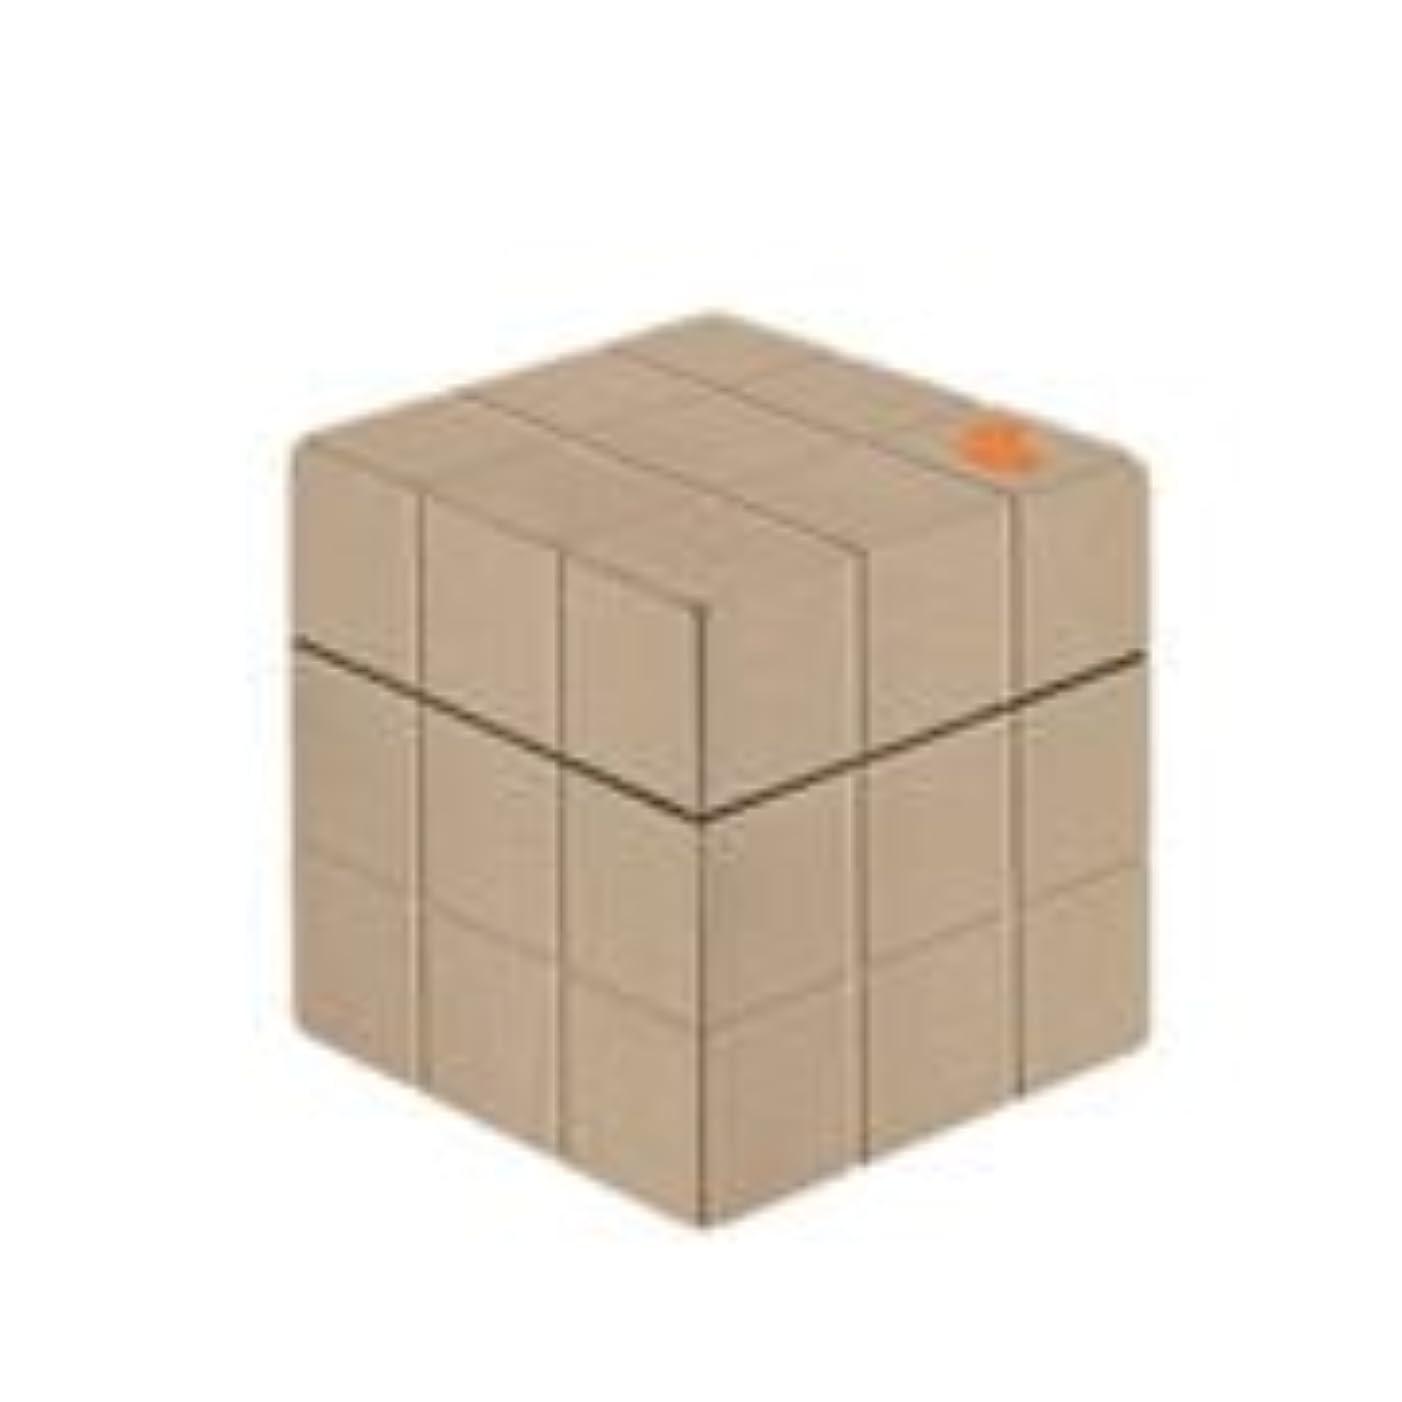 潜在的なメロンメアリアンジョーンズ【X3個セット】 アリミノ ピース プロデザインシリーズ ソフトワックス カフェオレ 80g